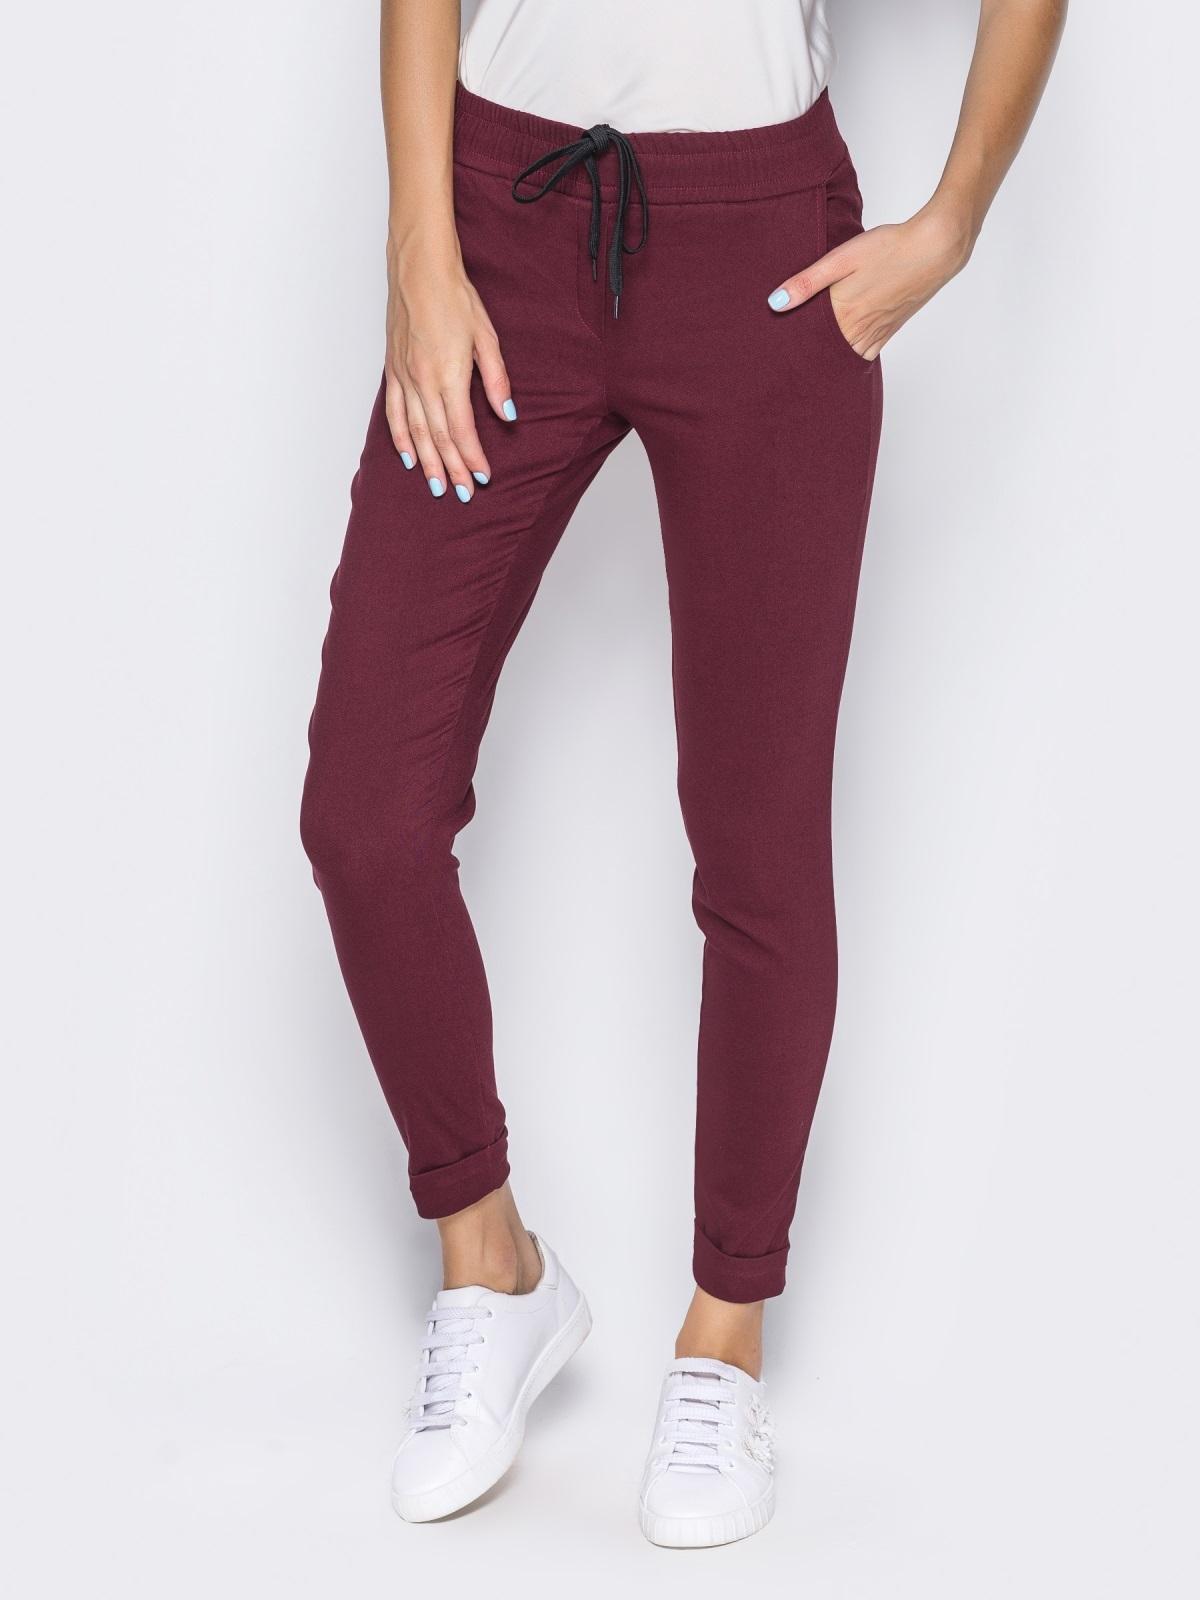 Брюки из стрейч-коттона с карманами в швах бордовые - 14407, фото 3 – интернет-магазин Dressa